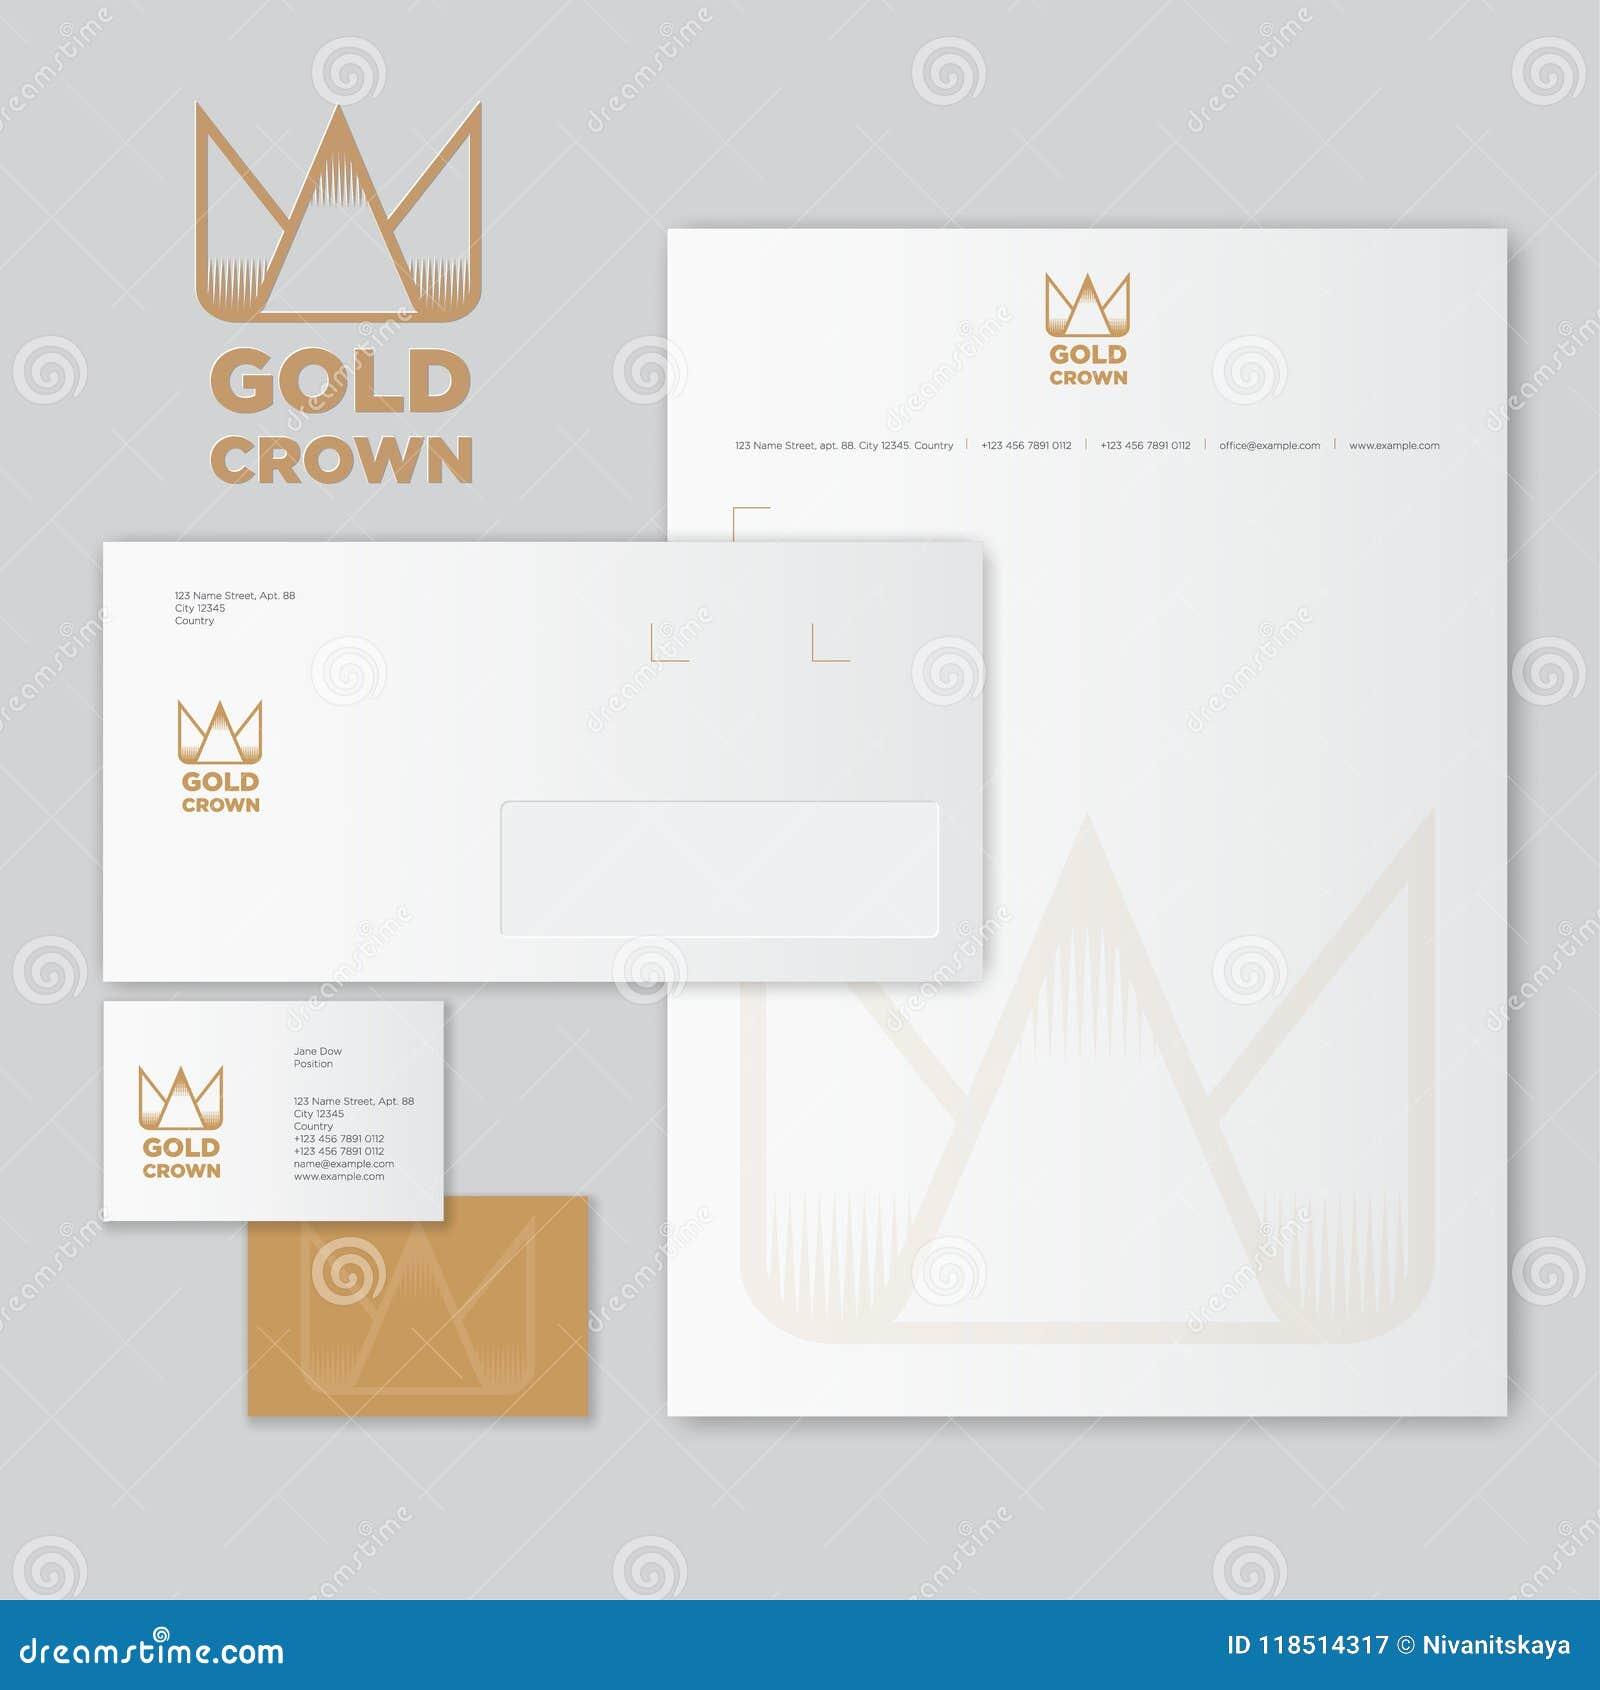 Logo Et Identite De Couronne Dor Enveloppe Lettre Avec Des Filigranes Carte Visite Professionnelle Icone La Dans Le Style